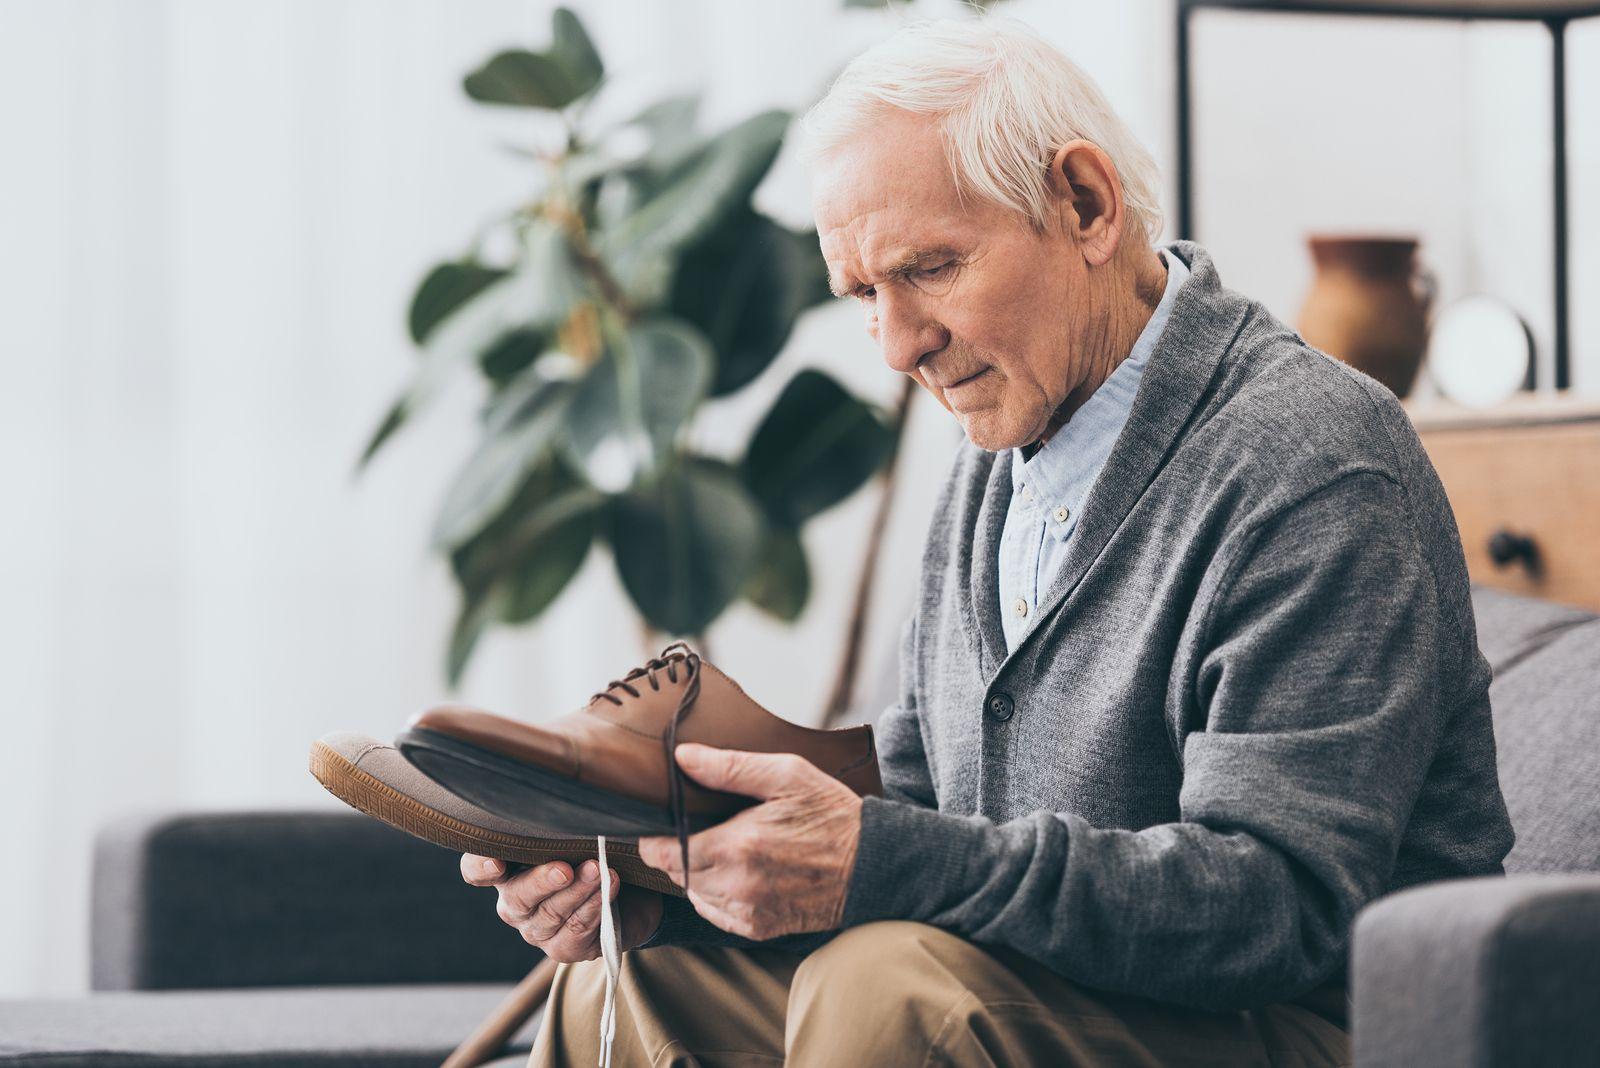 Photo of Cómo elegir zapatos para sus necesidades a medida que envejece